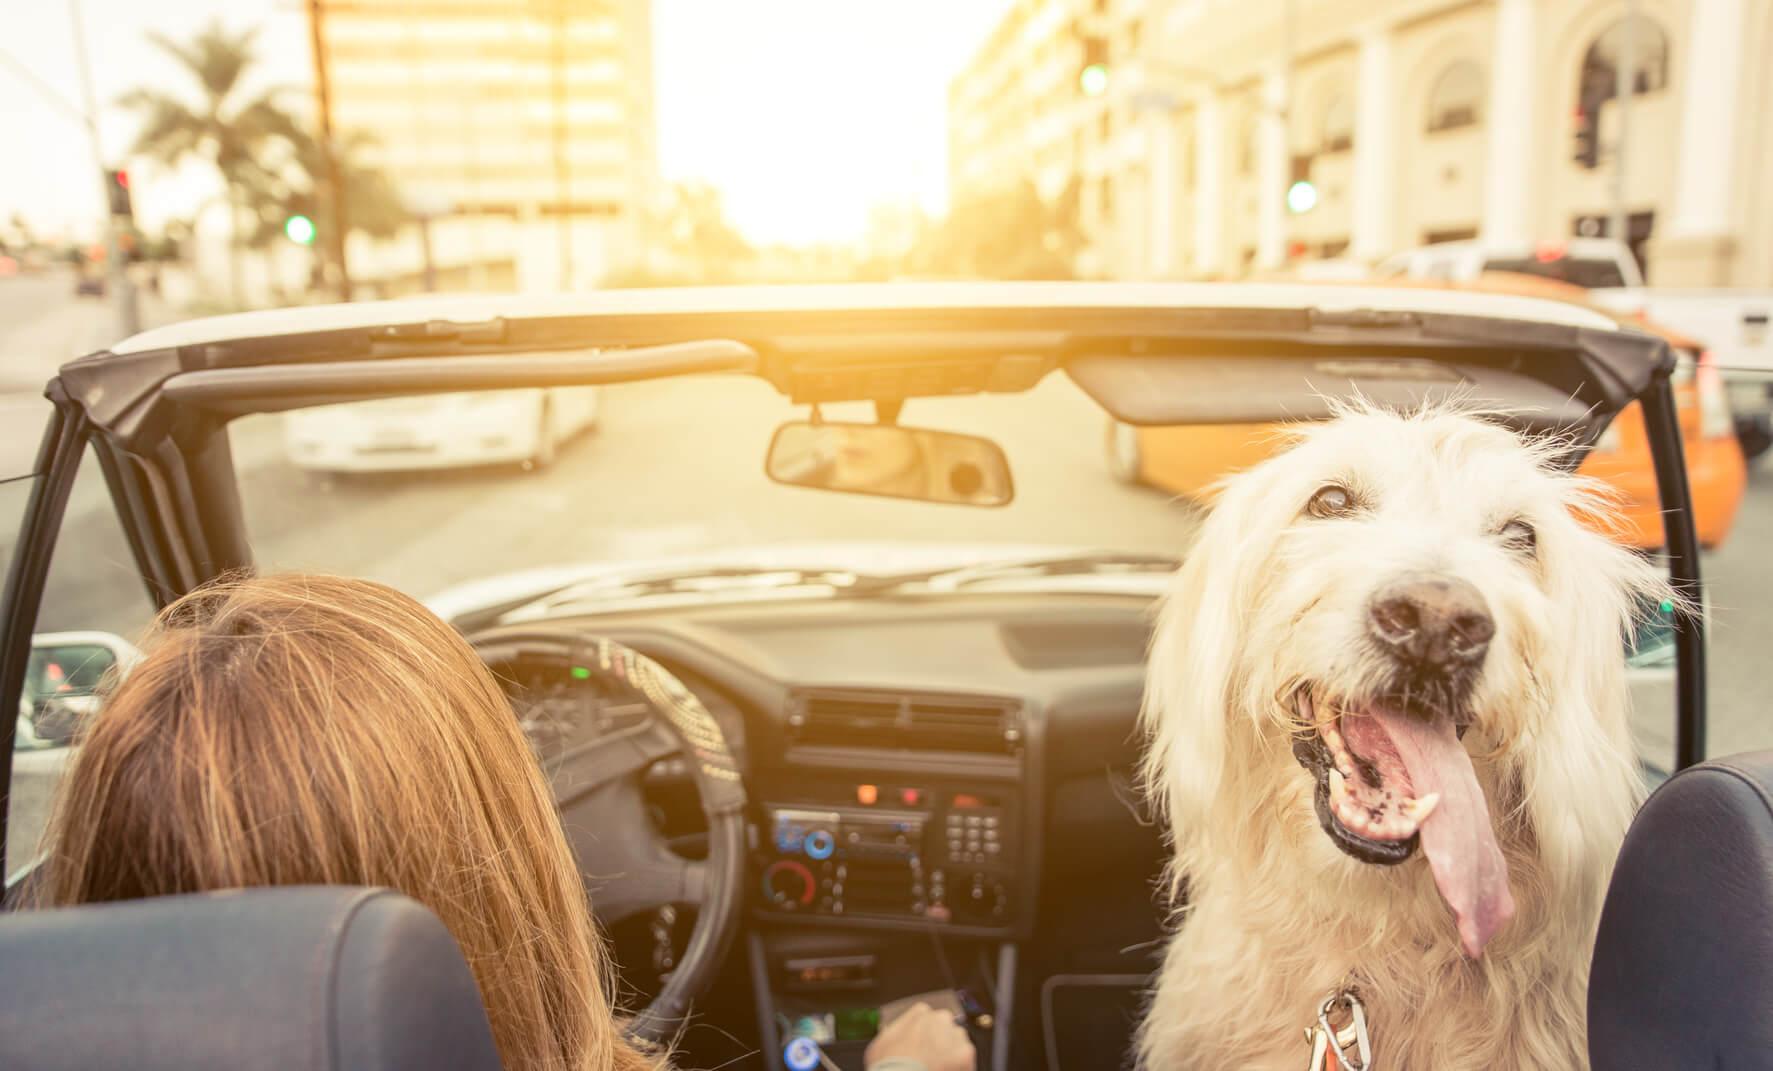 Haushaltstipps: schlechte Gerüche aus dem Auto entfernen